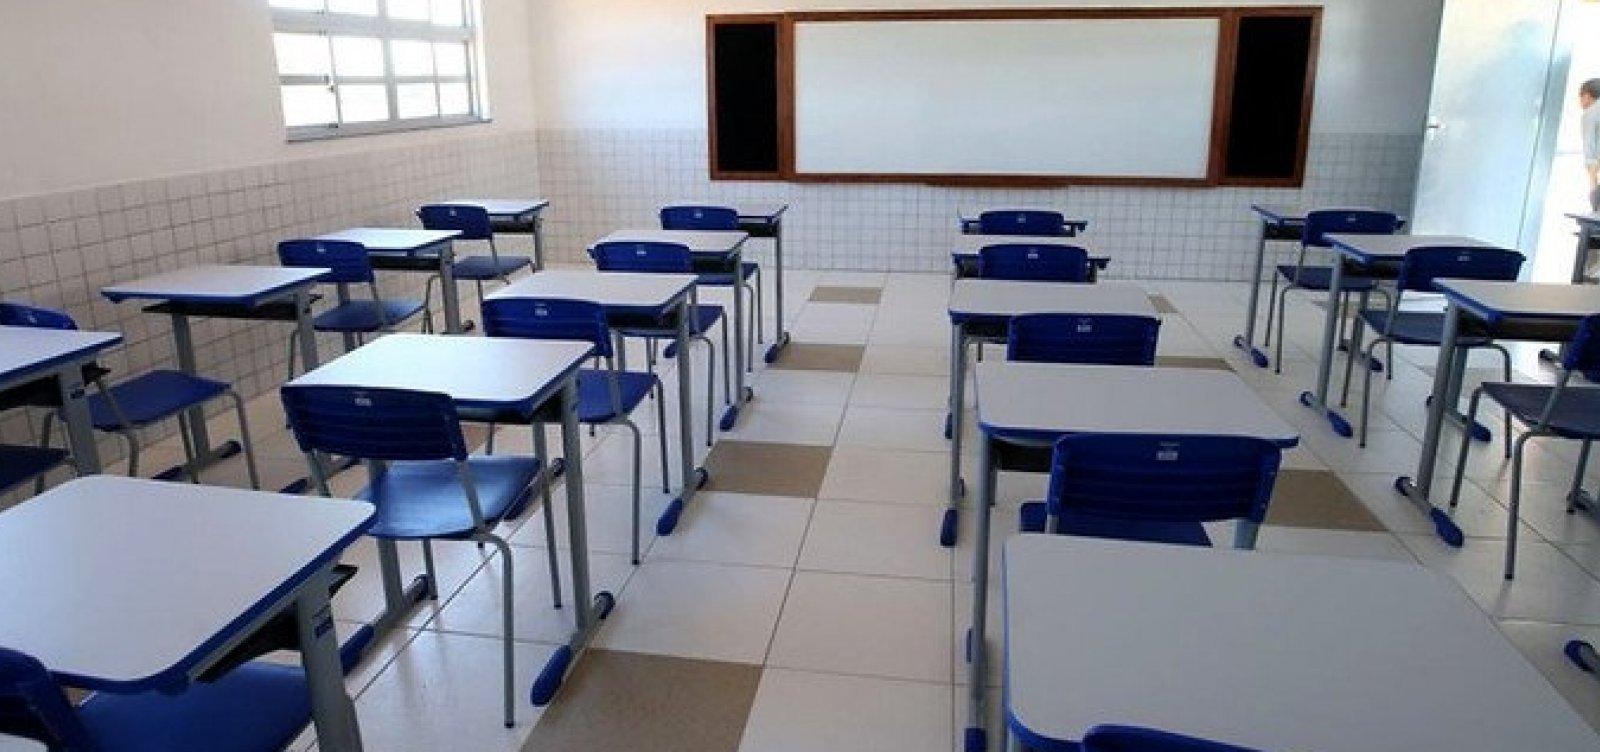 Volta às Aulas: governantes discutem parâmetros para retomada do ensino presencial